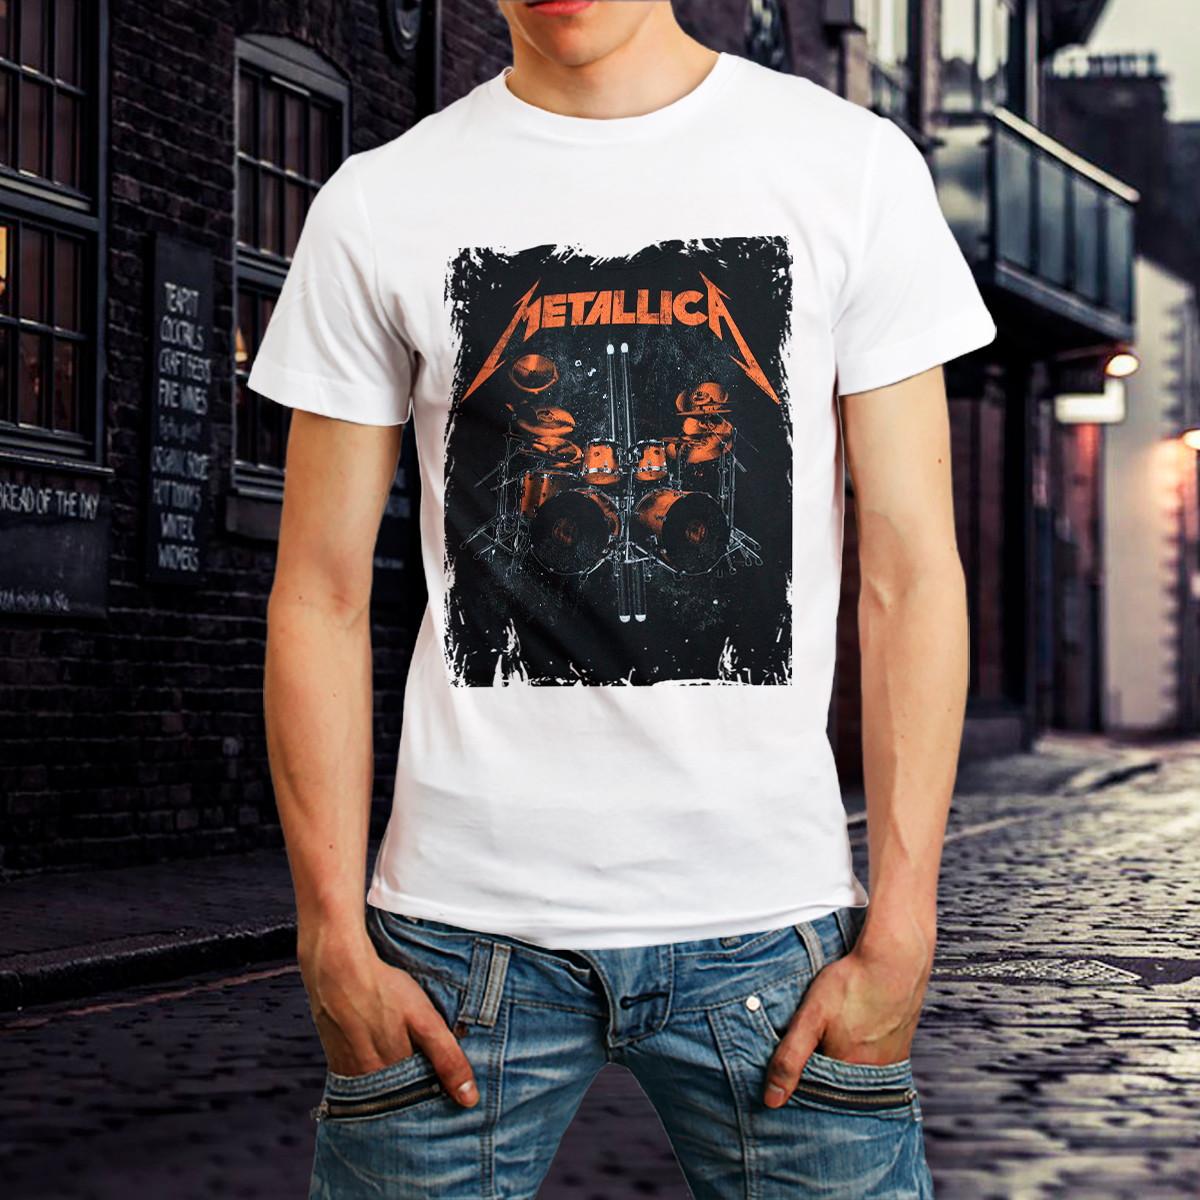 b372a948d8a Camiseta Metallica Banda Rock Camisa Roupa Branca Promoção no Elo7 ...